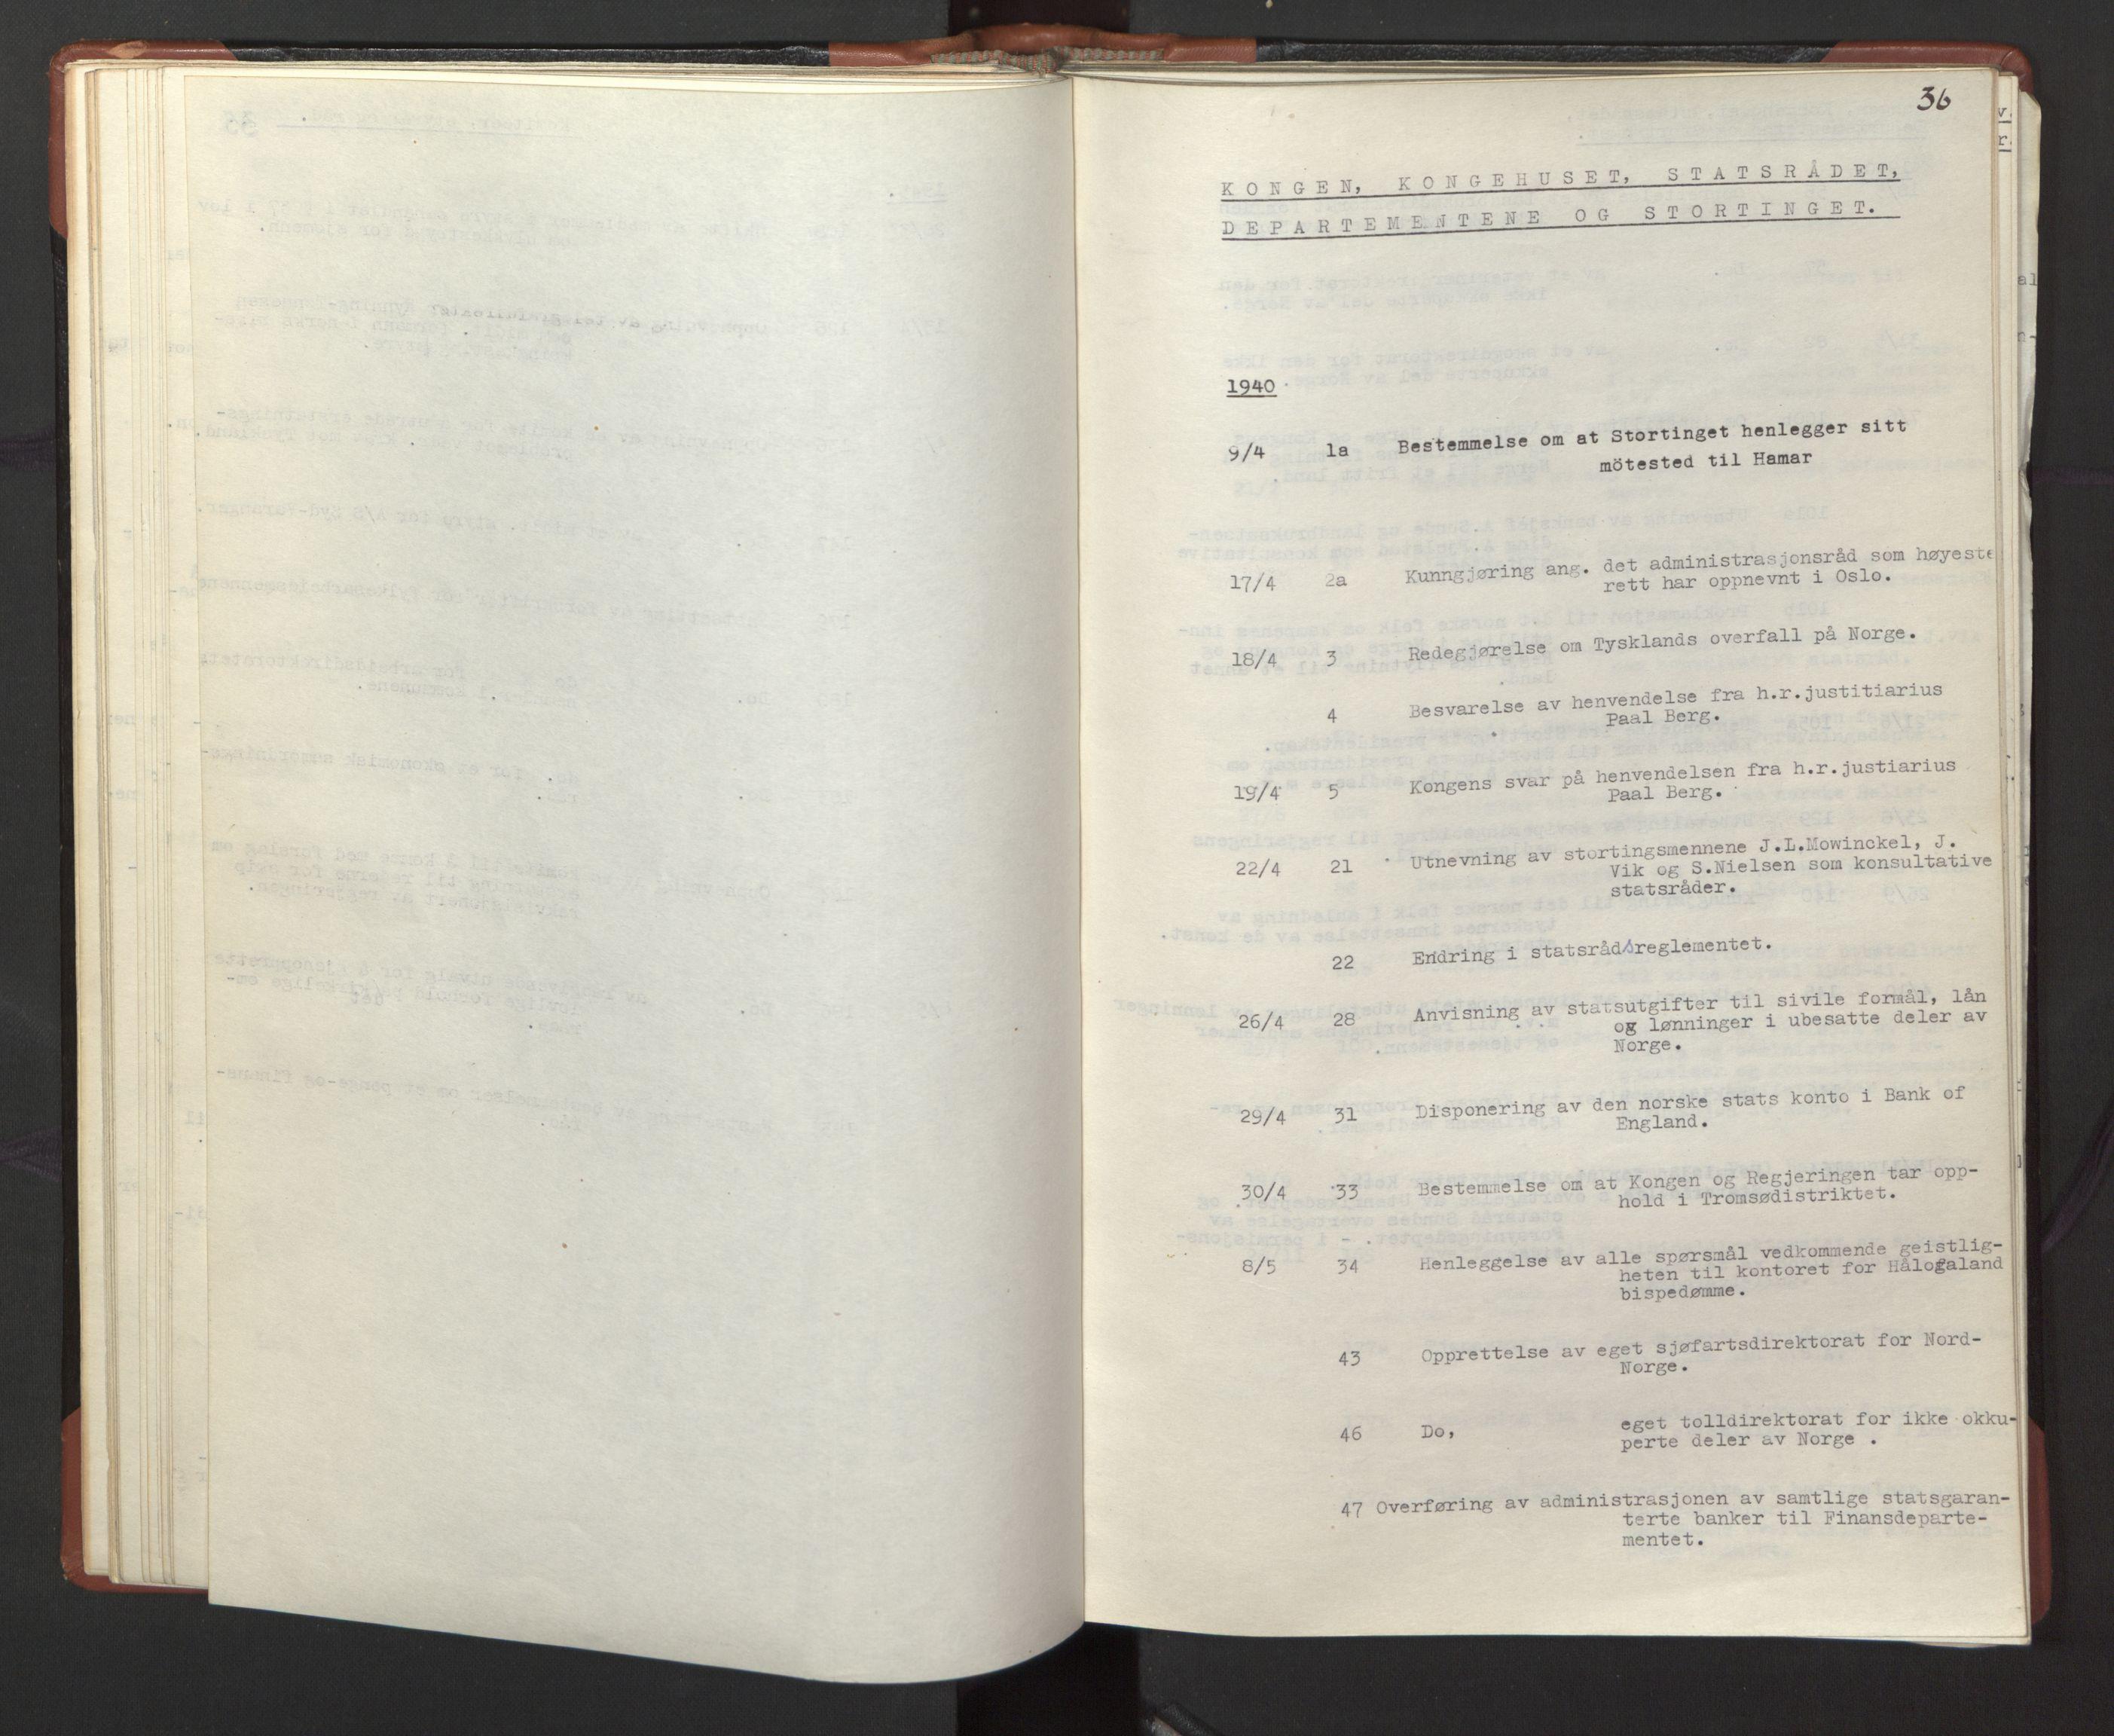 RA, Statsrådssekretariatet, A/Ac/L0127: Register 9/4-25/5, 1940-1945, s. 36